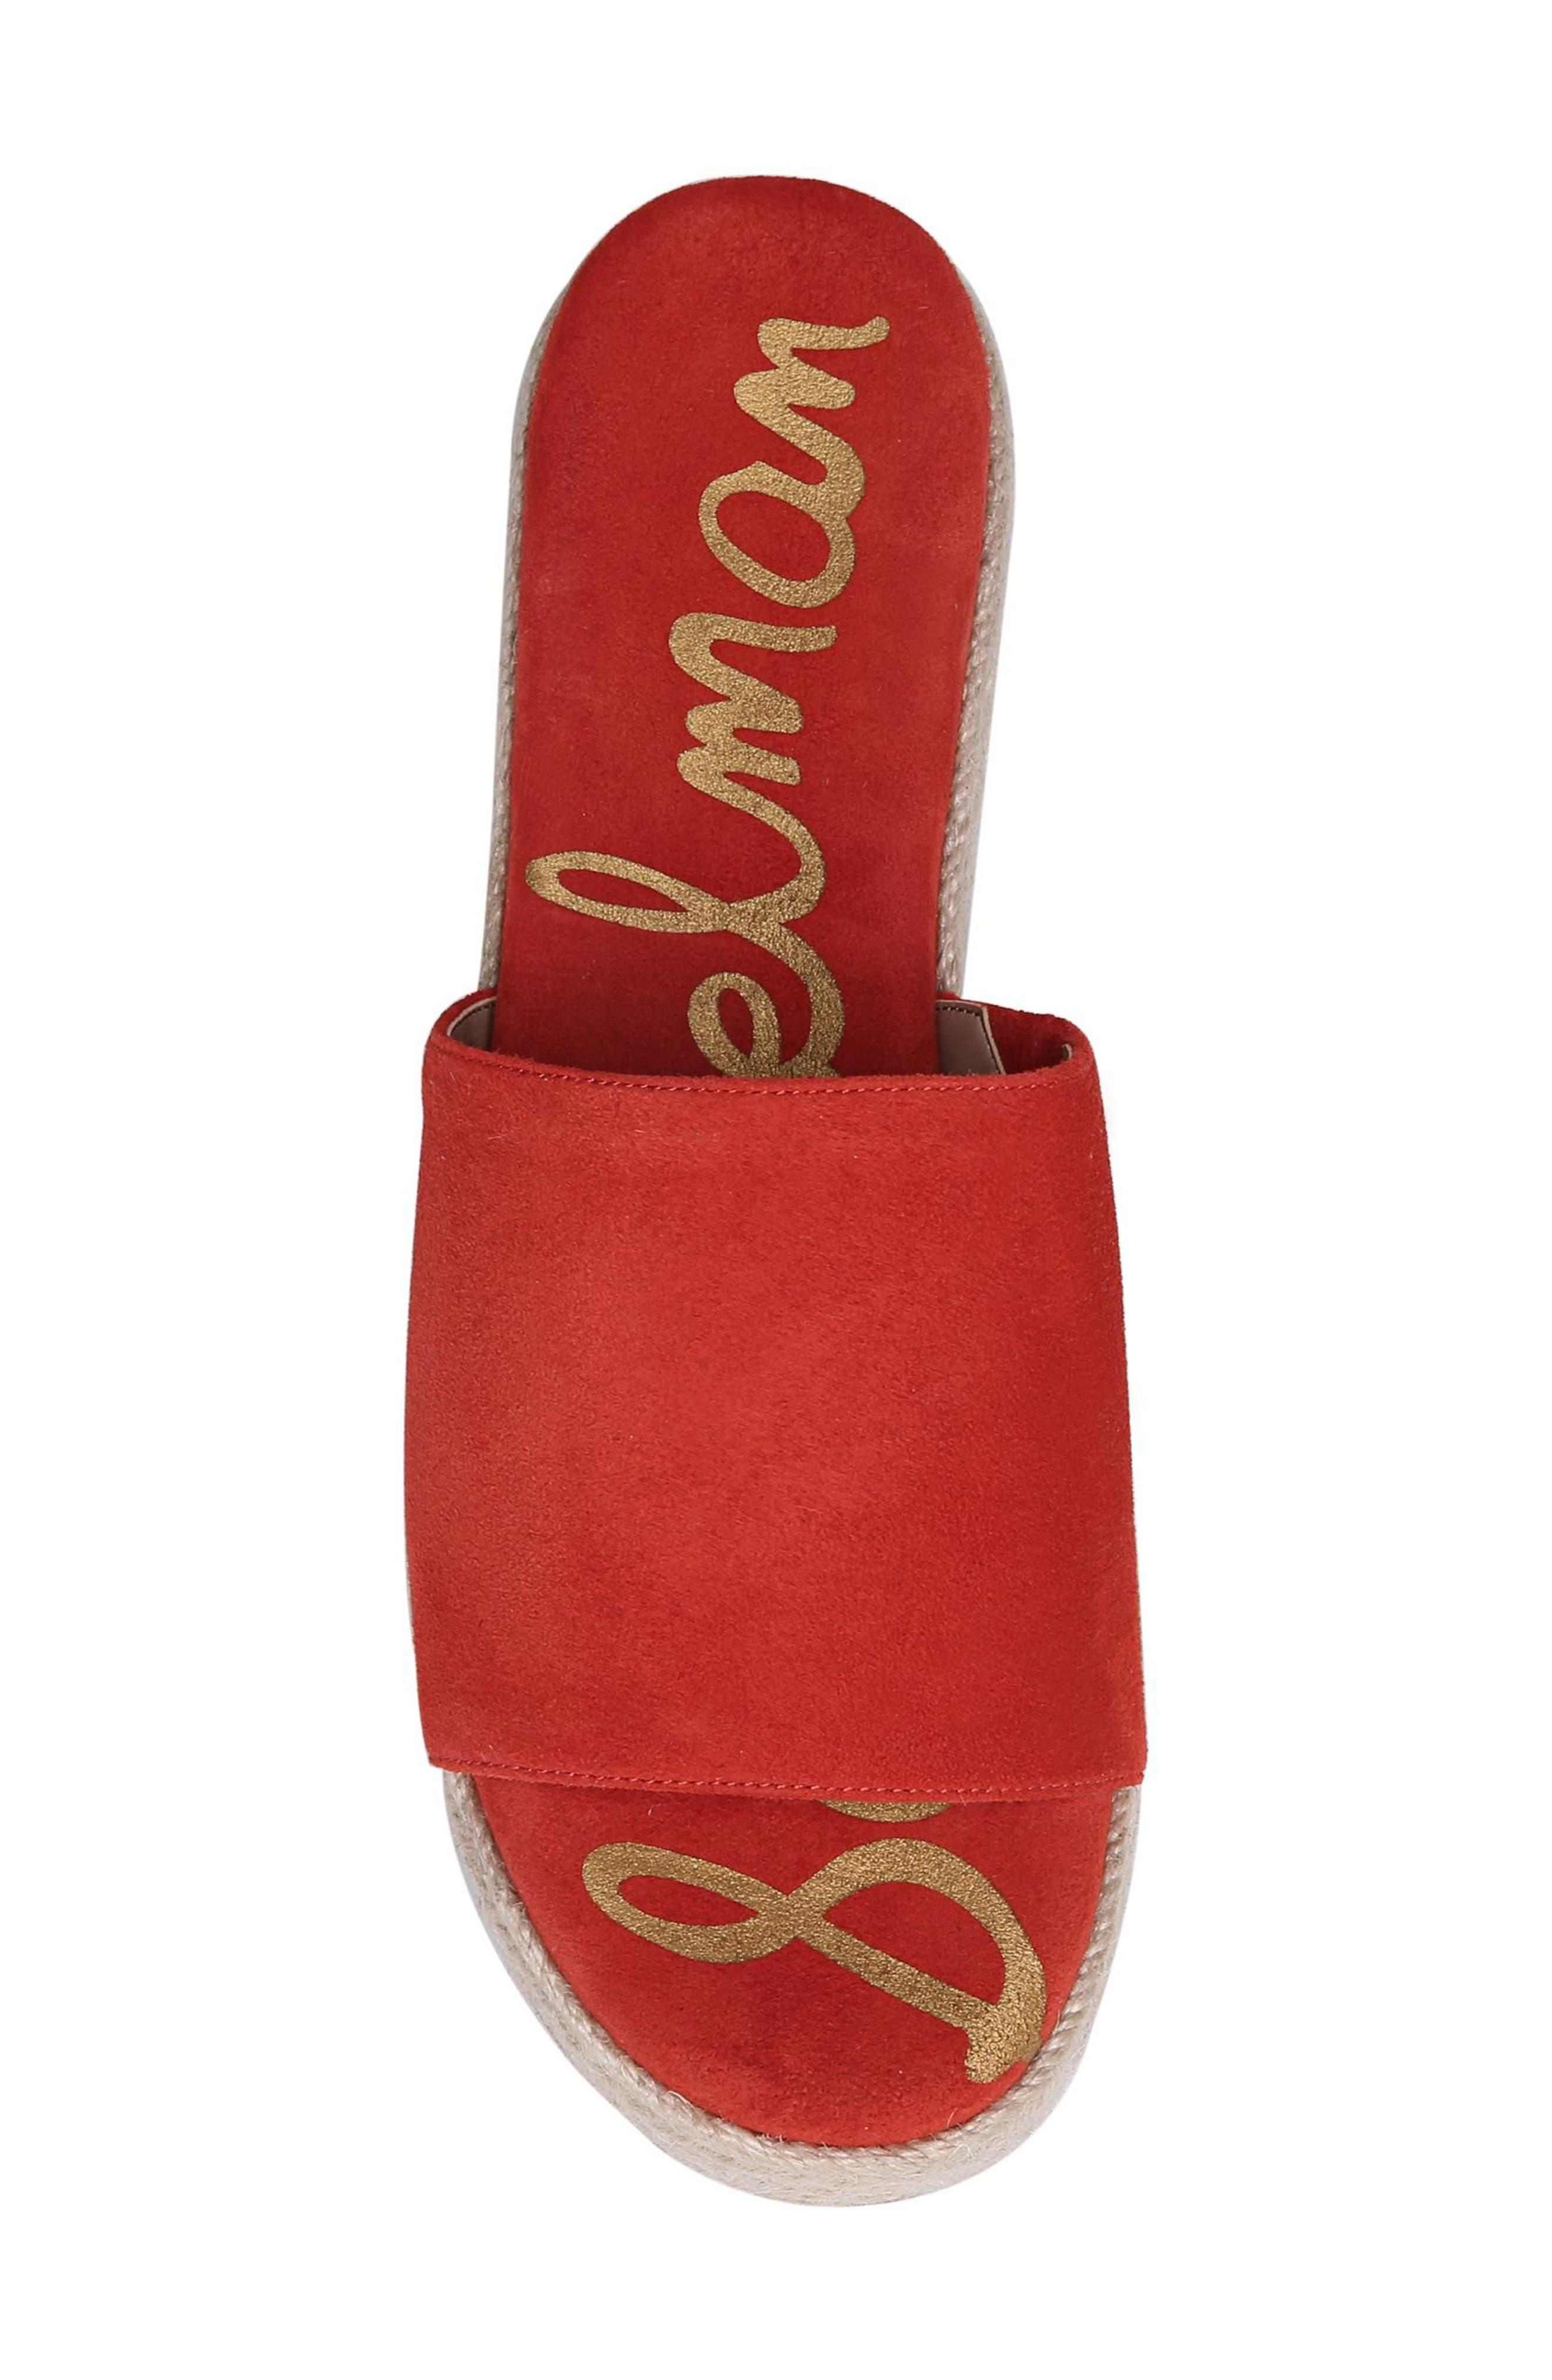 Weslee Platform Slide Sandal,                             Alternate thumbnail 5, color,                             Candy Red Suede